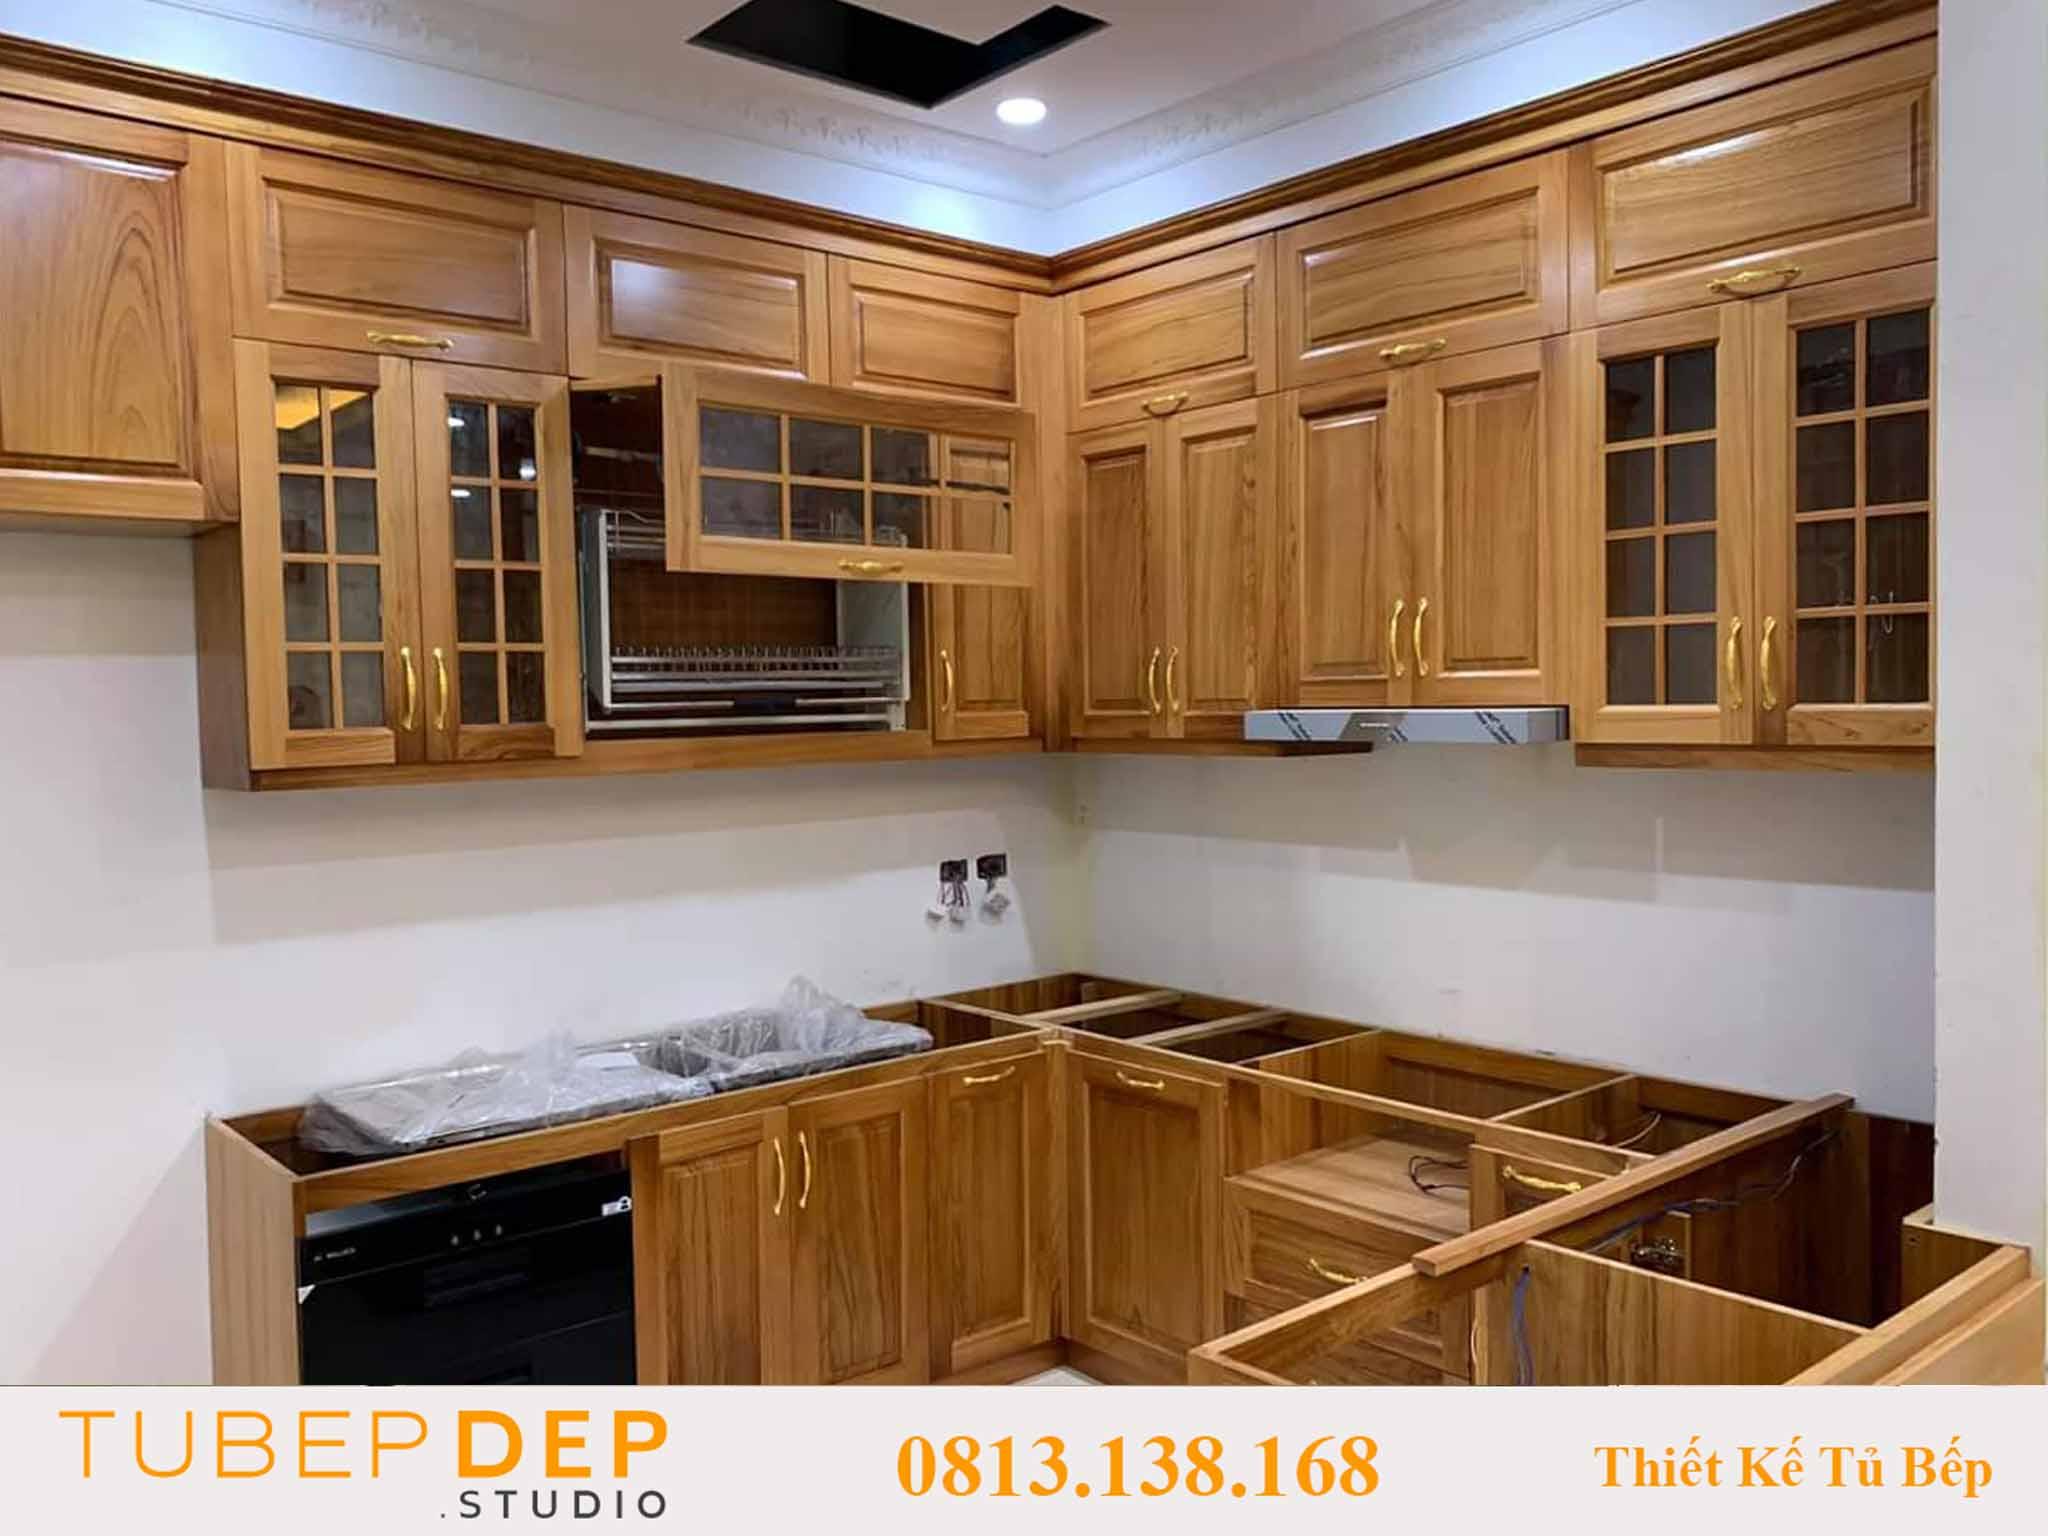 Dịch vụ thiết kế tủ bếp theo yêu cầu tại Quận 10 giá rẻ vô địch